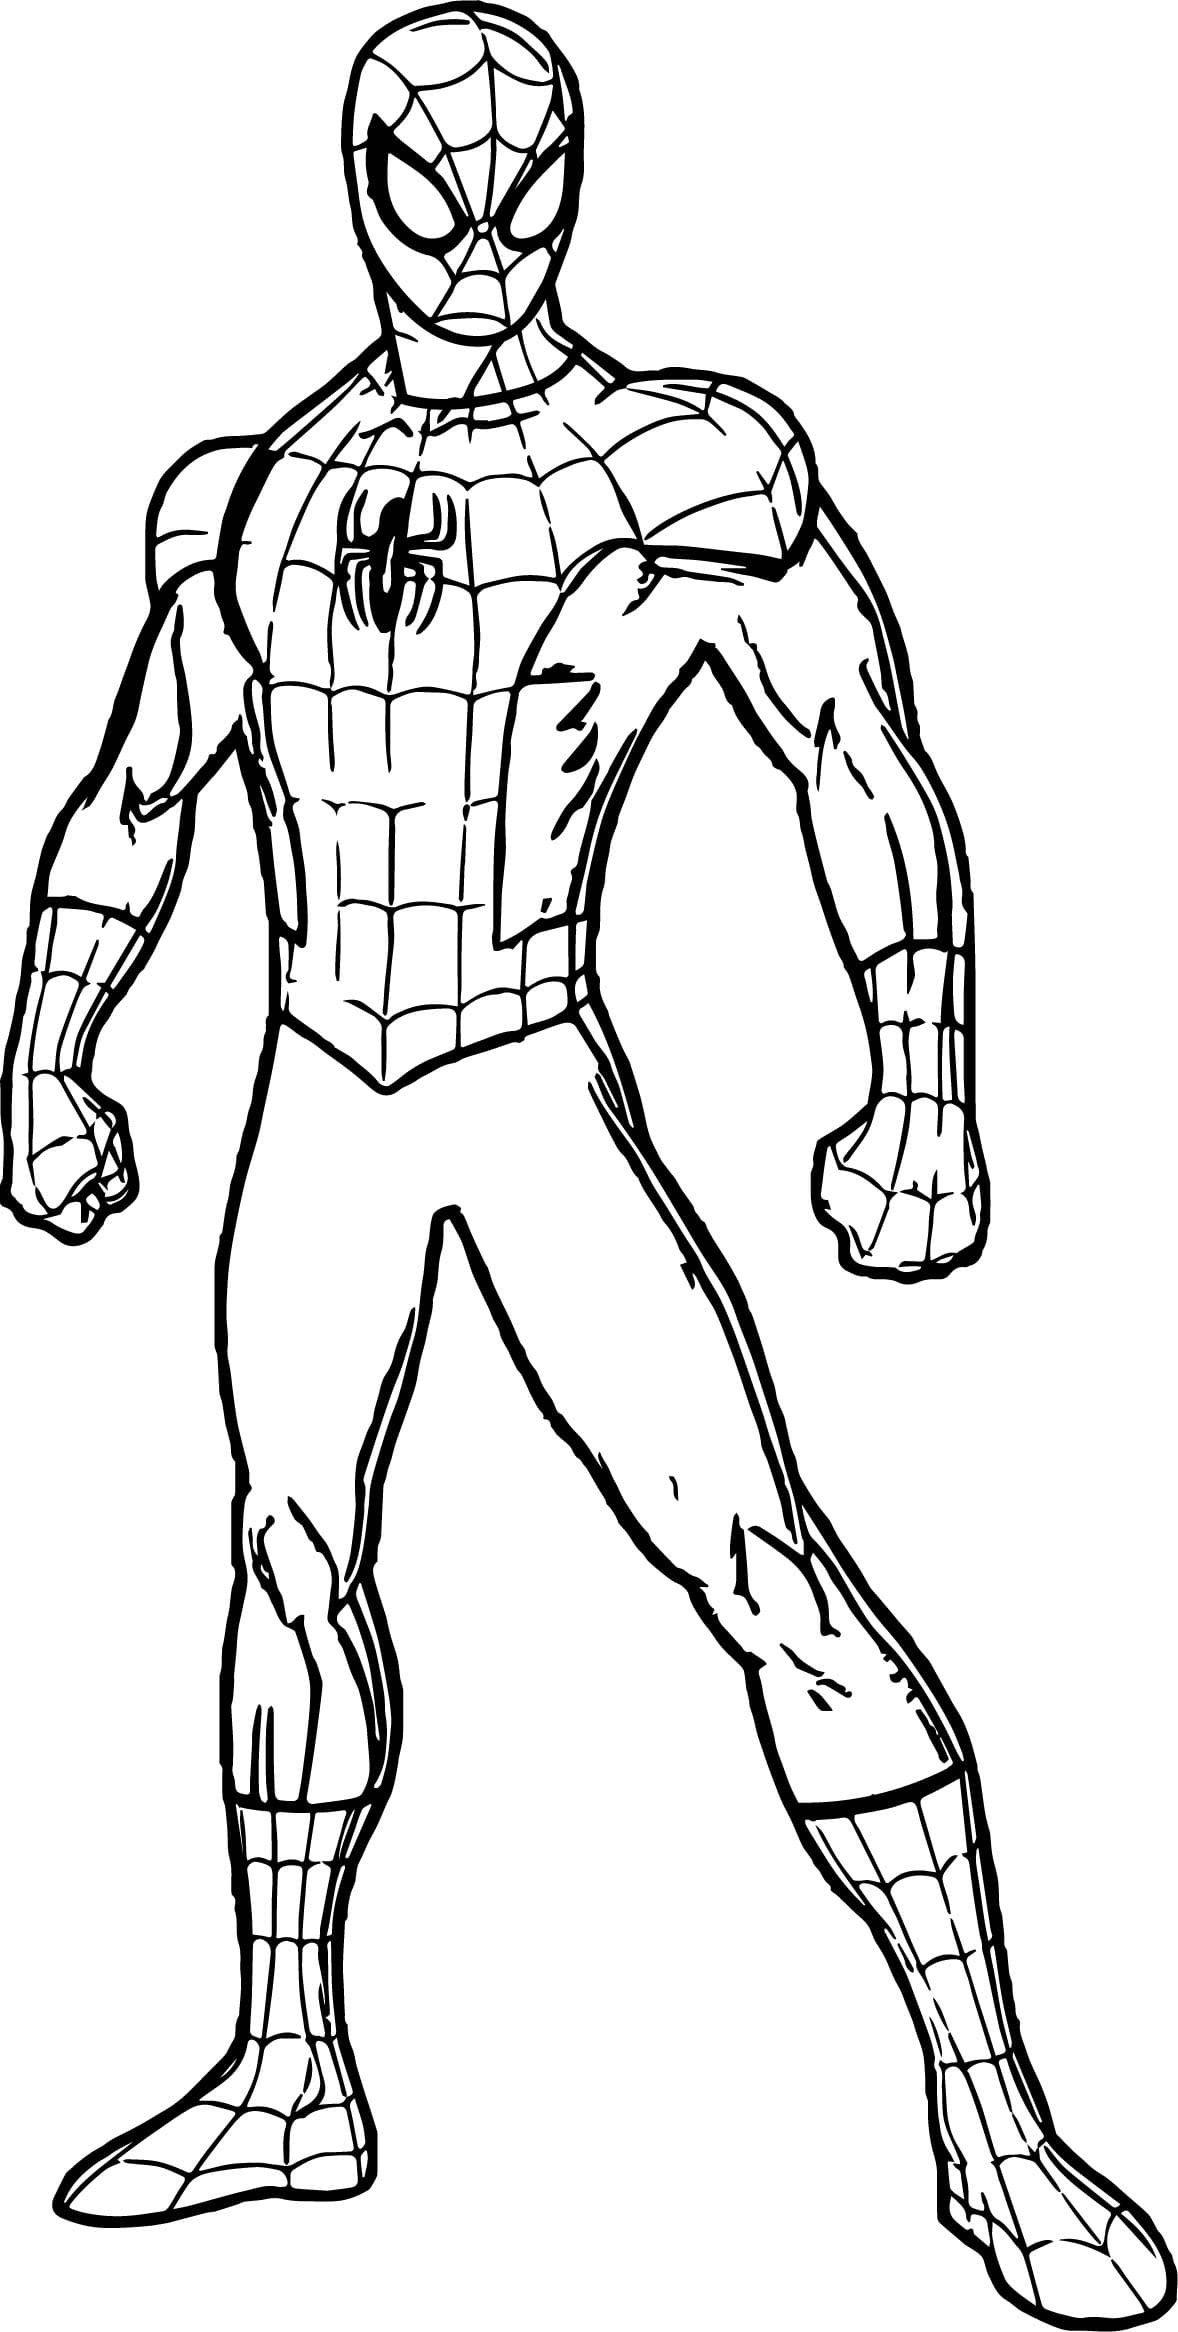 Supereroi Da Colorare Bello Disegni Da Colorare Di Spiderman Stampa Online Supereroe Of Pagine Da Colorare Per Bambini Supereroi Pagine Da Colorare Per Adulti